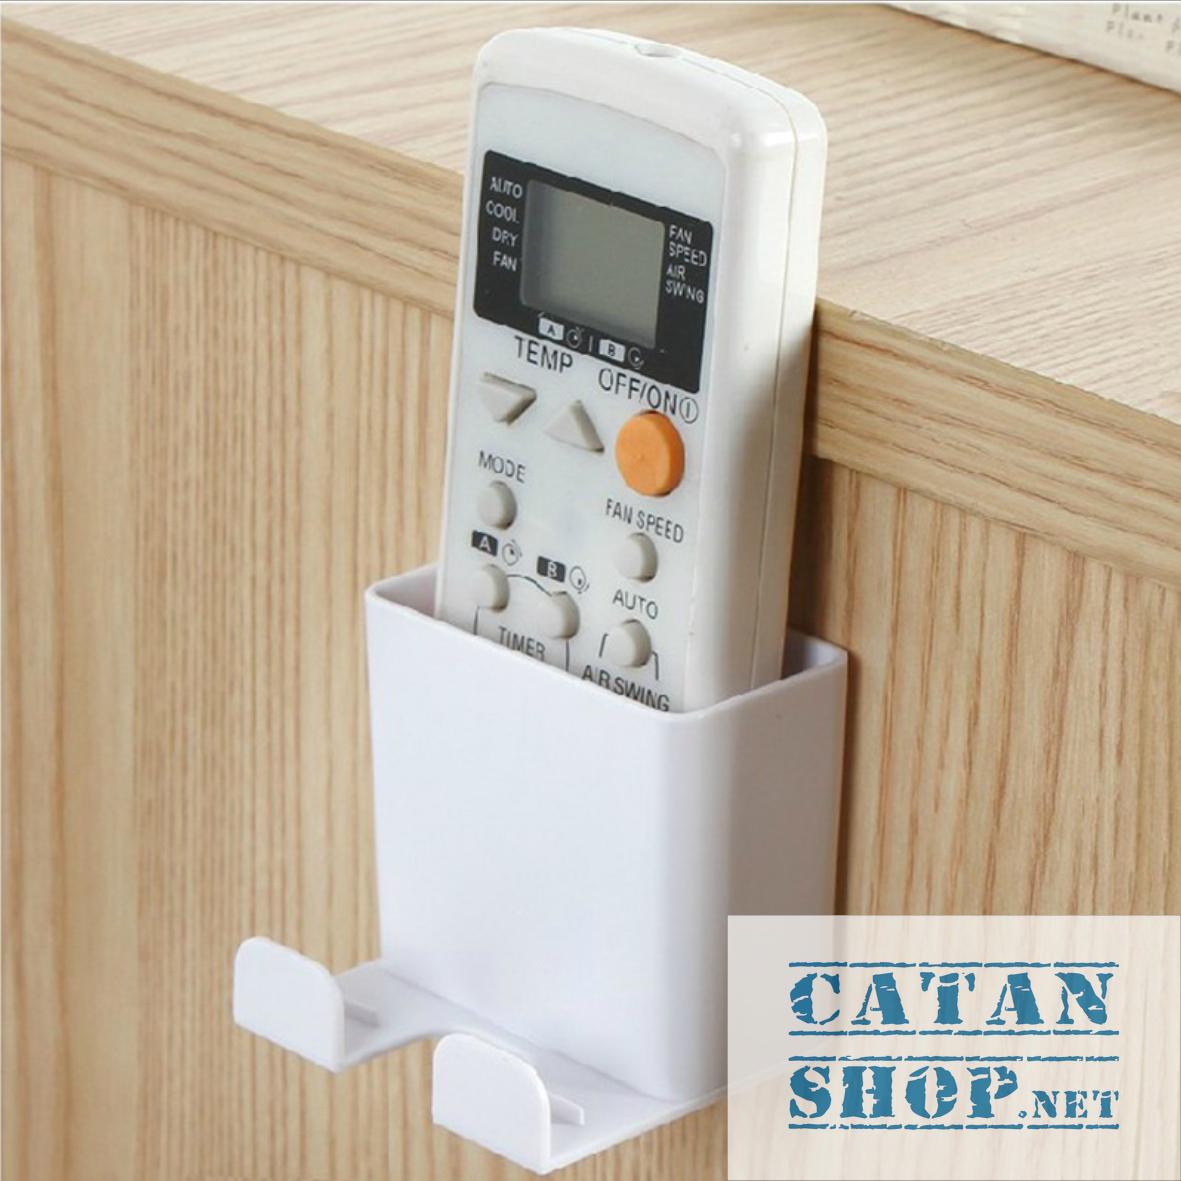 [HCM]Kệ đựng remote máy lạnh đa năng treo Sạc Điện Thoại tiện dụng cho không gian nhà bạn thật gọn gàng. GD153-KRKTSac